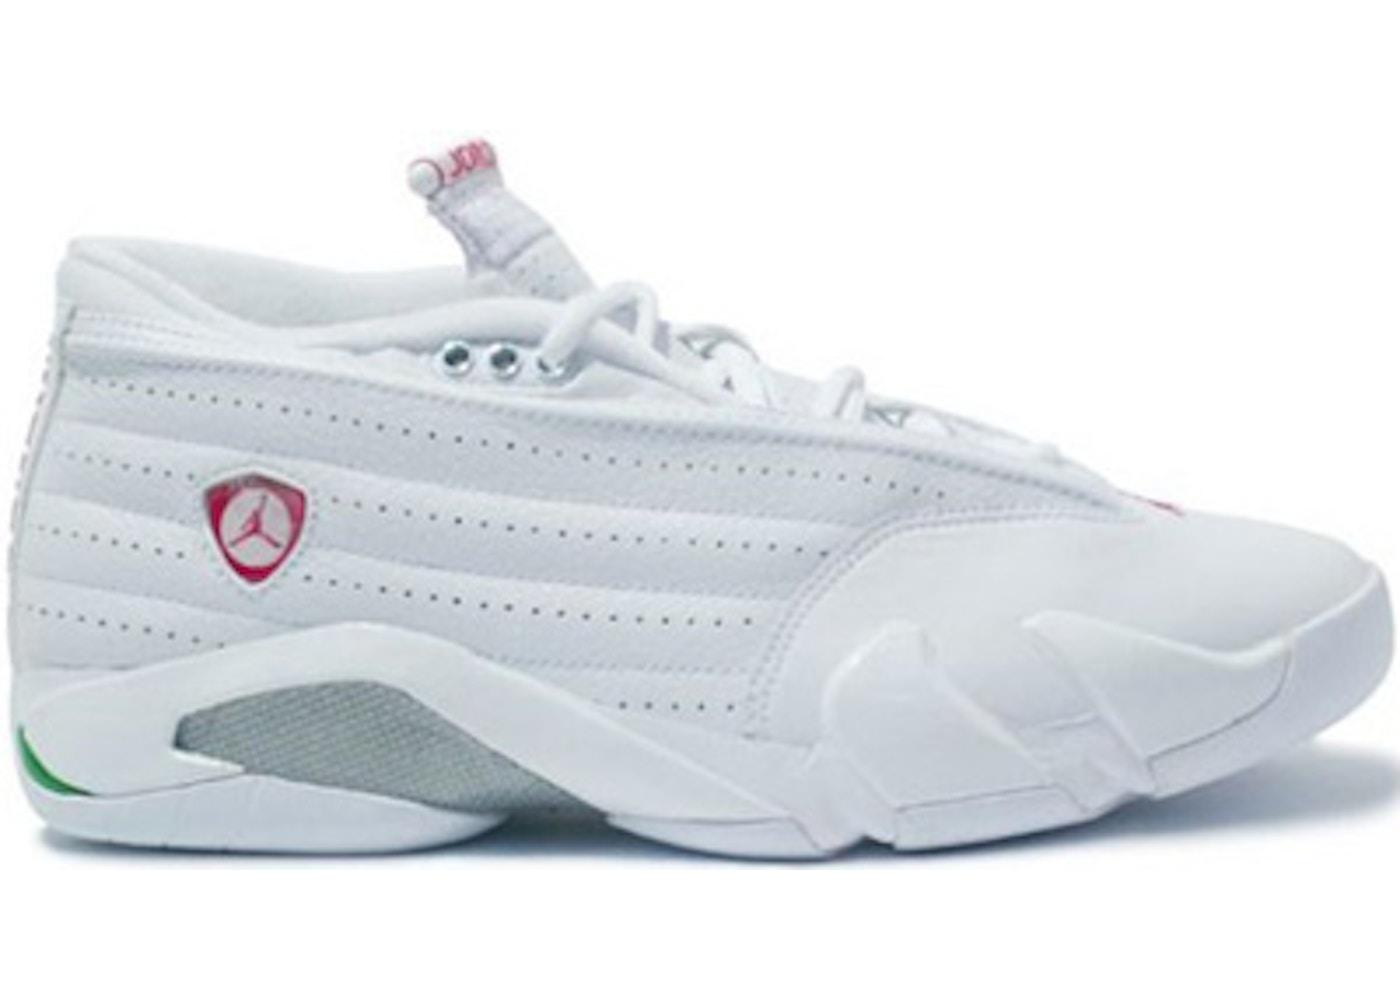 size 40 38fb7 7e5ab Jordan 14 Retro Low White Cerise - 312567-161